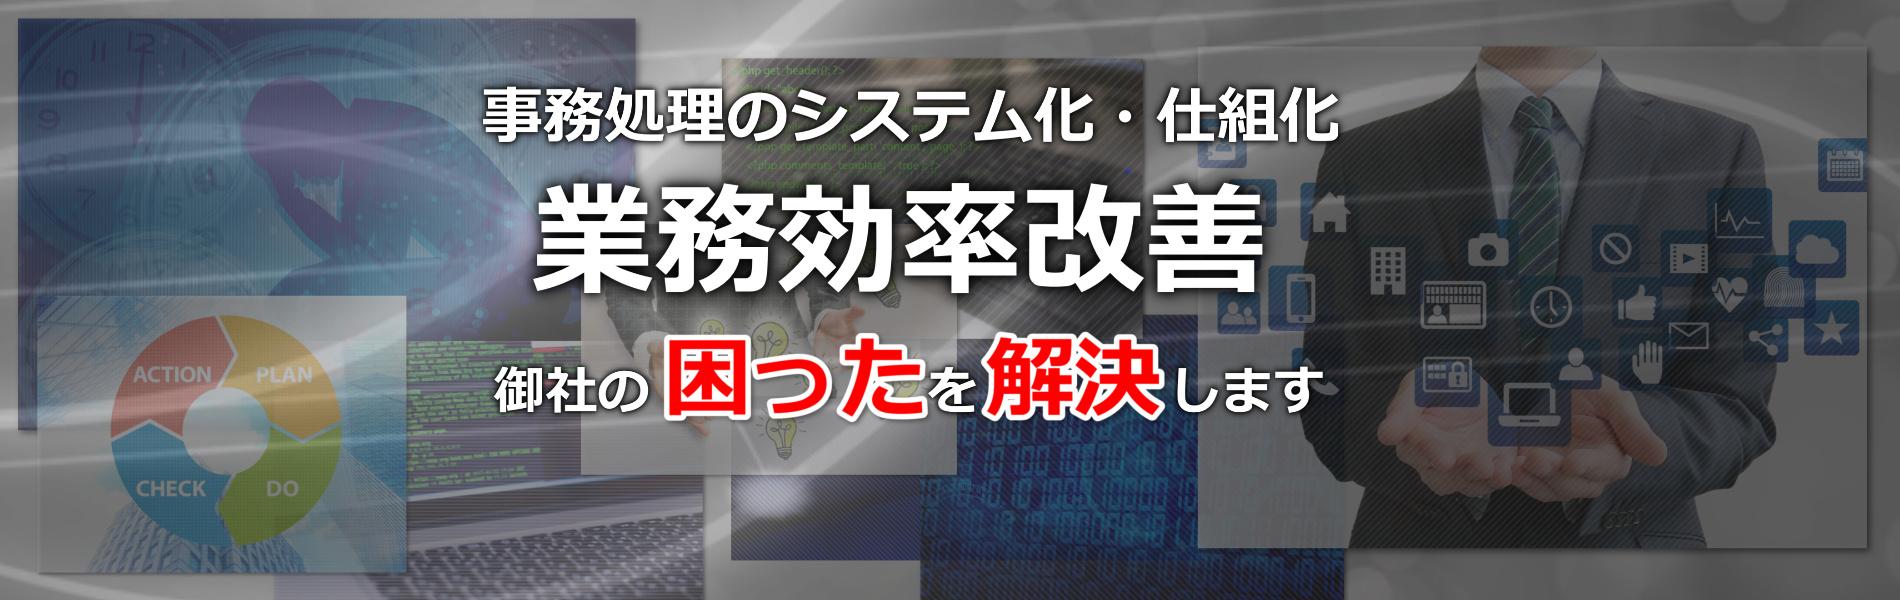 静岡県富士市のIT導入コンサルティング会社